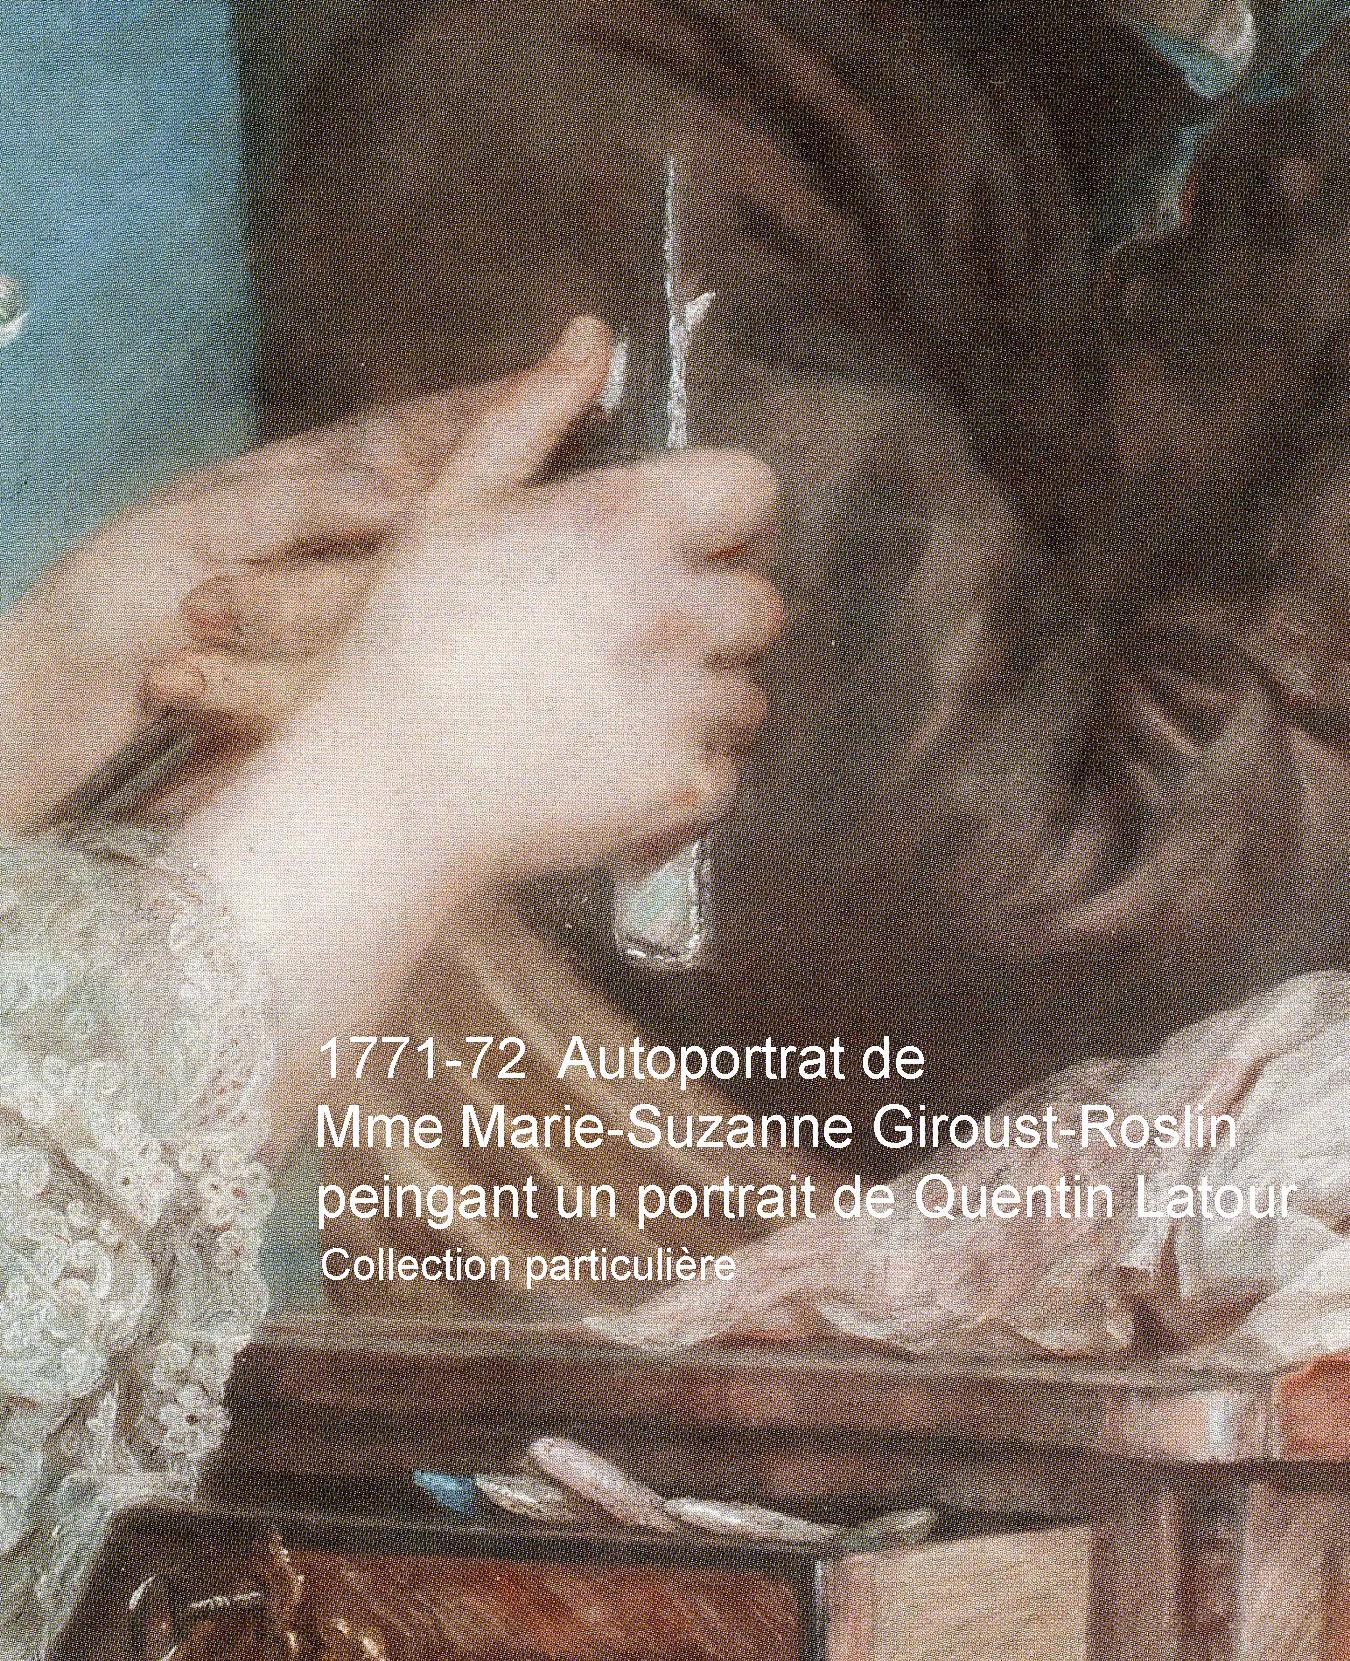 Autoportrait ms giroust roslin 1771 73